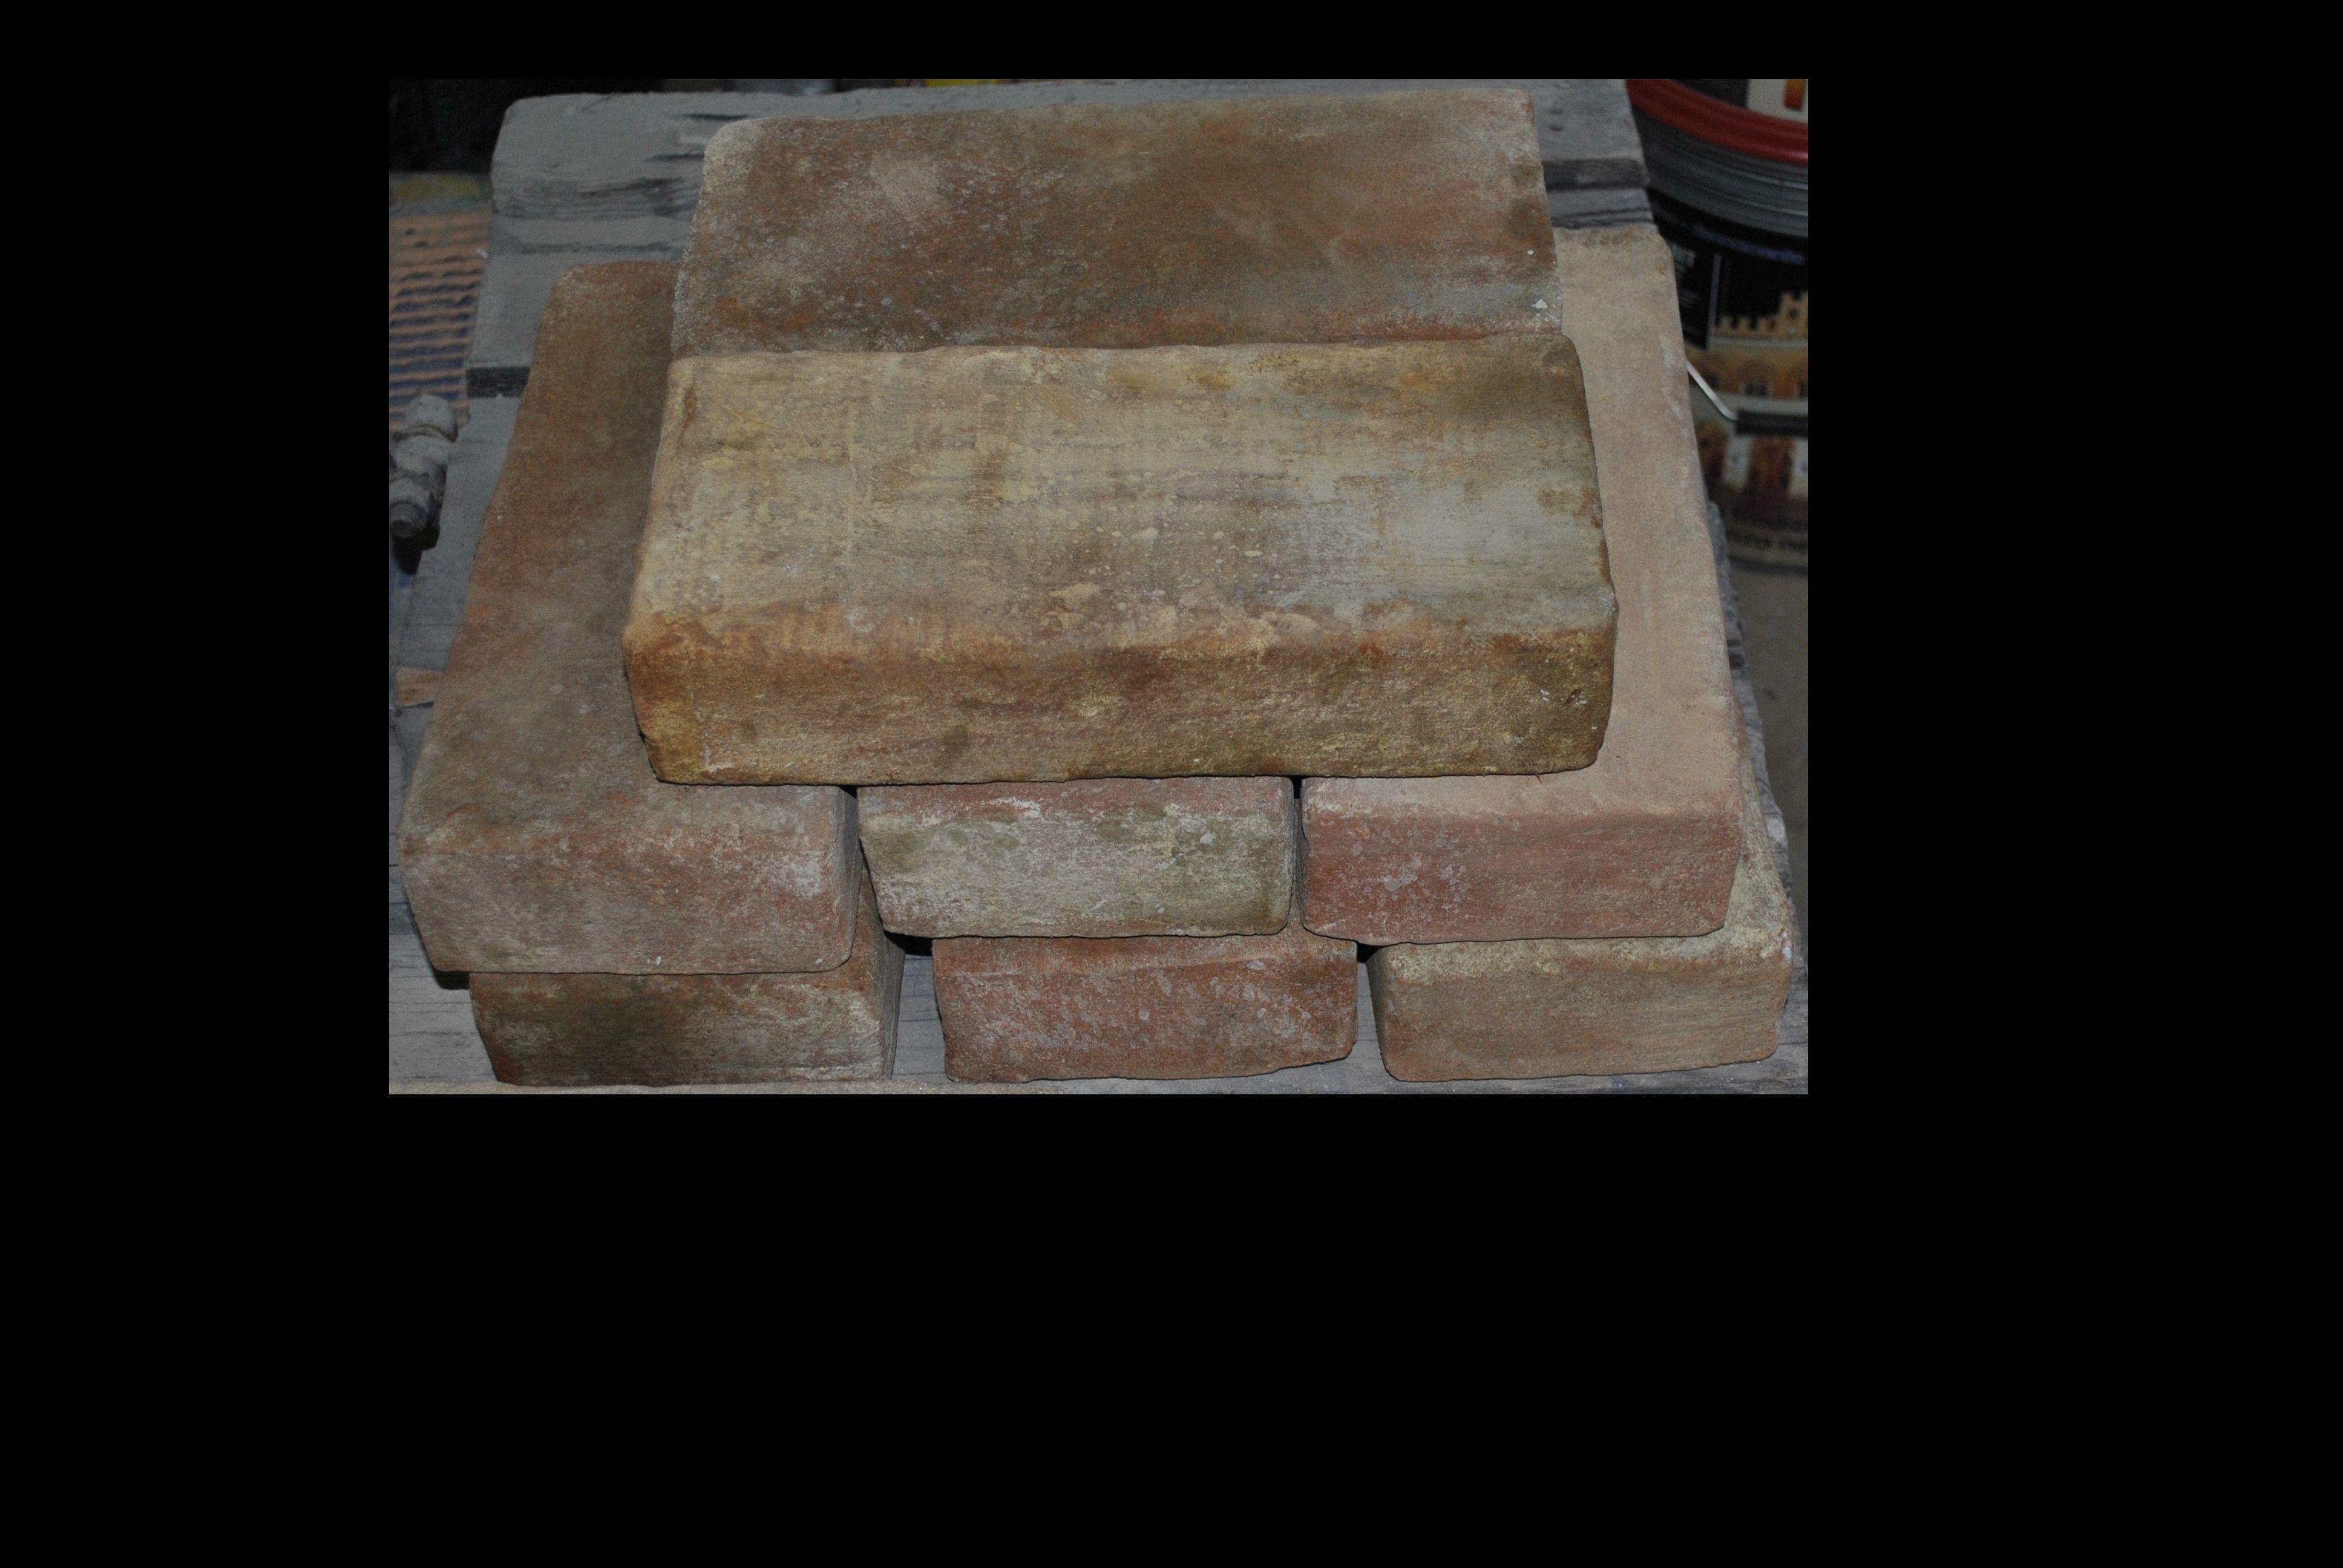 Finti mattoni in polistirolo ricoperti in malta cementizia.